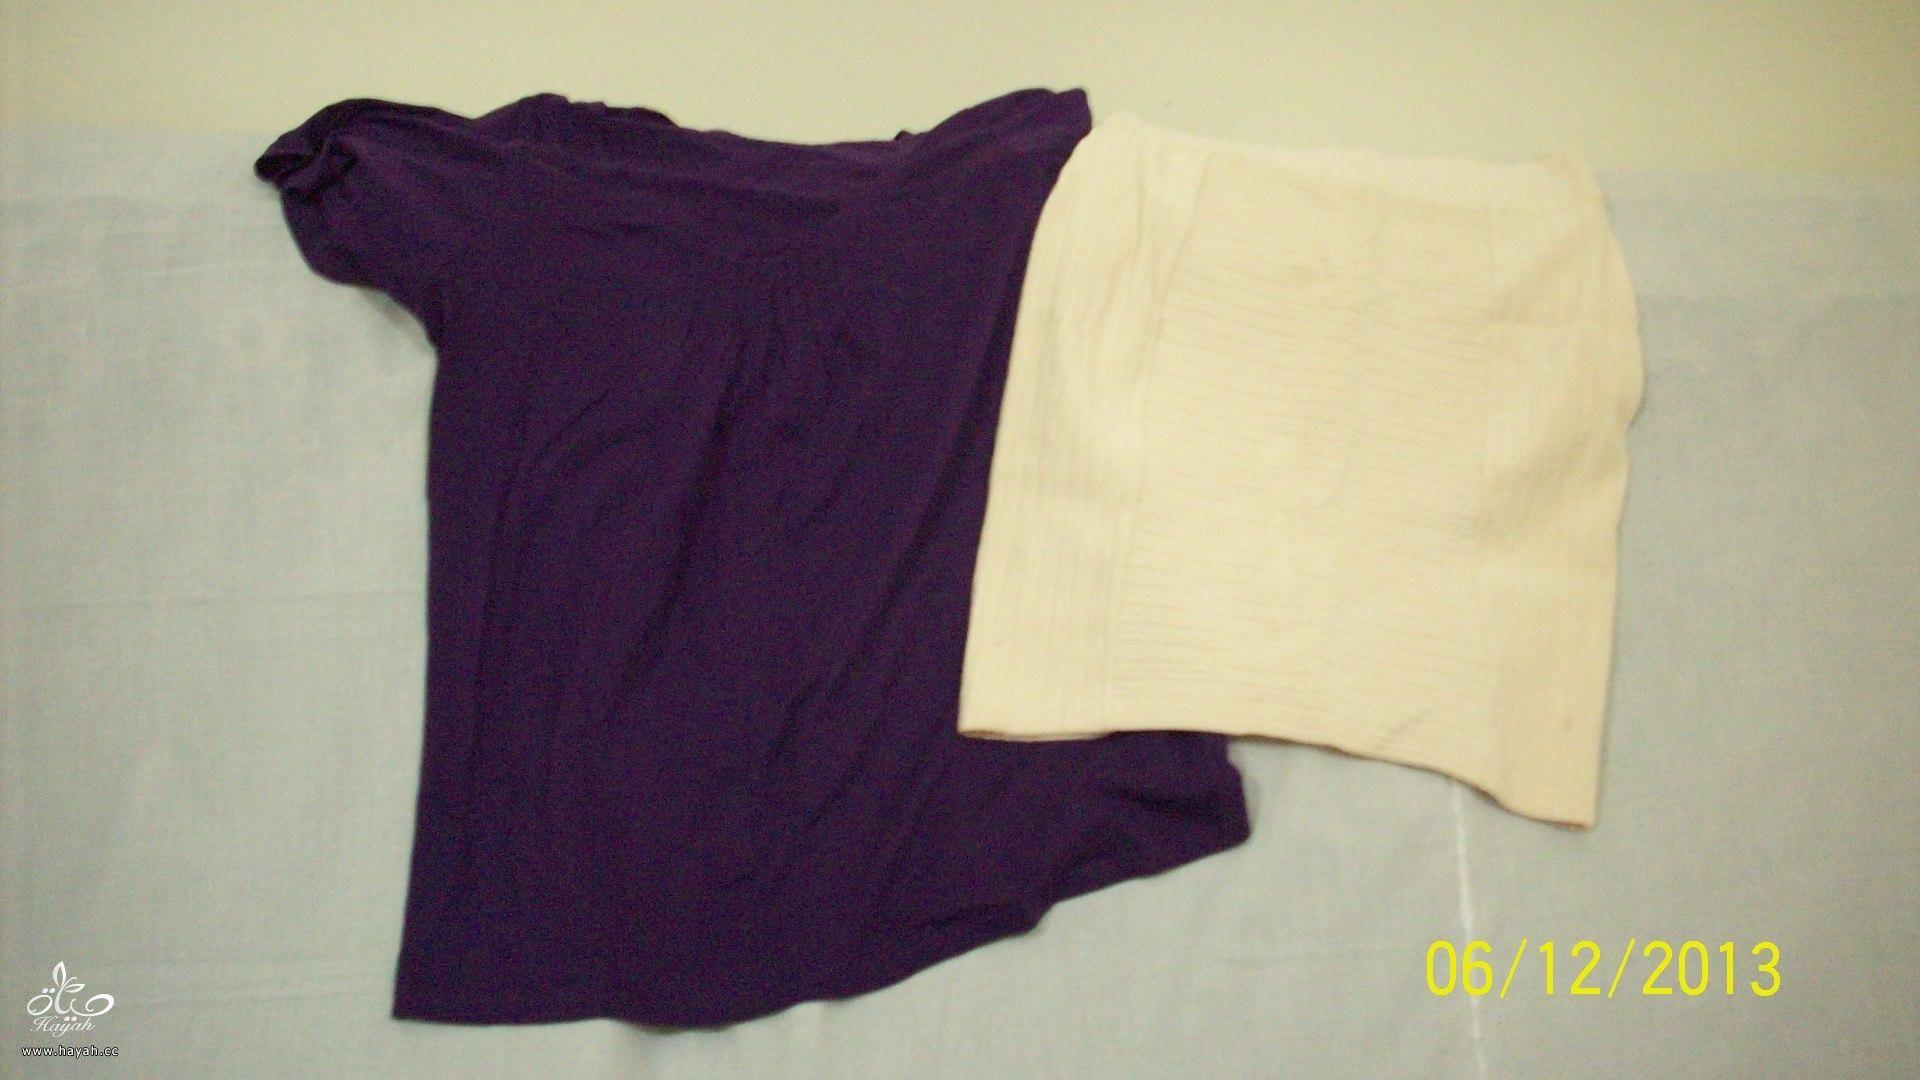 ملابسي - ملابس جديدة للبيع hayahcc_1389921710_643.jpg